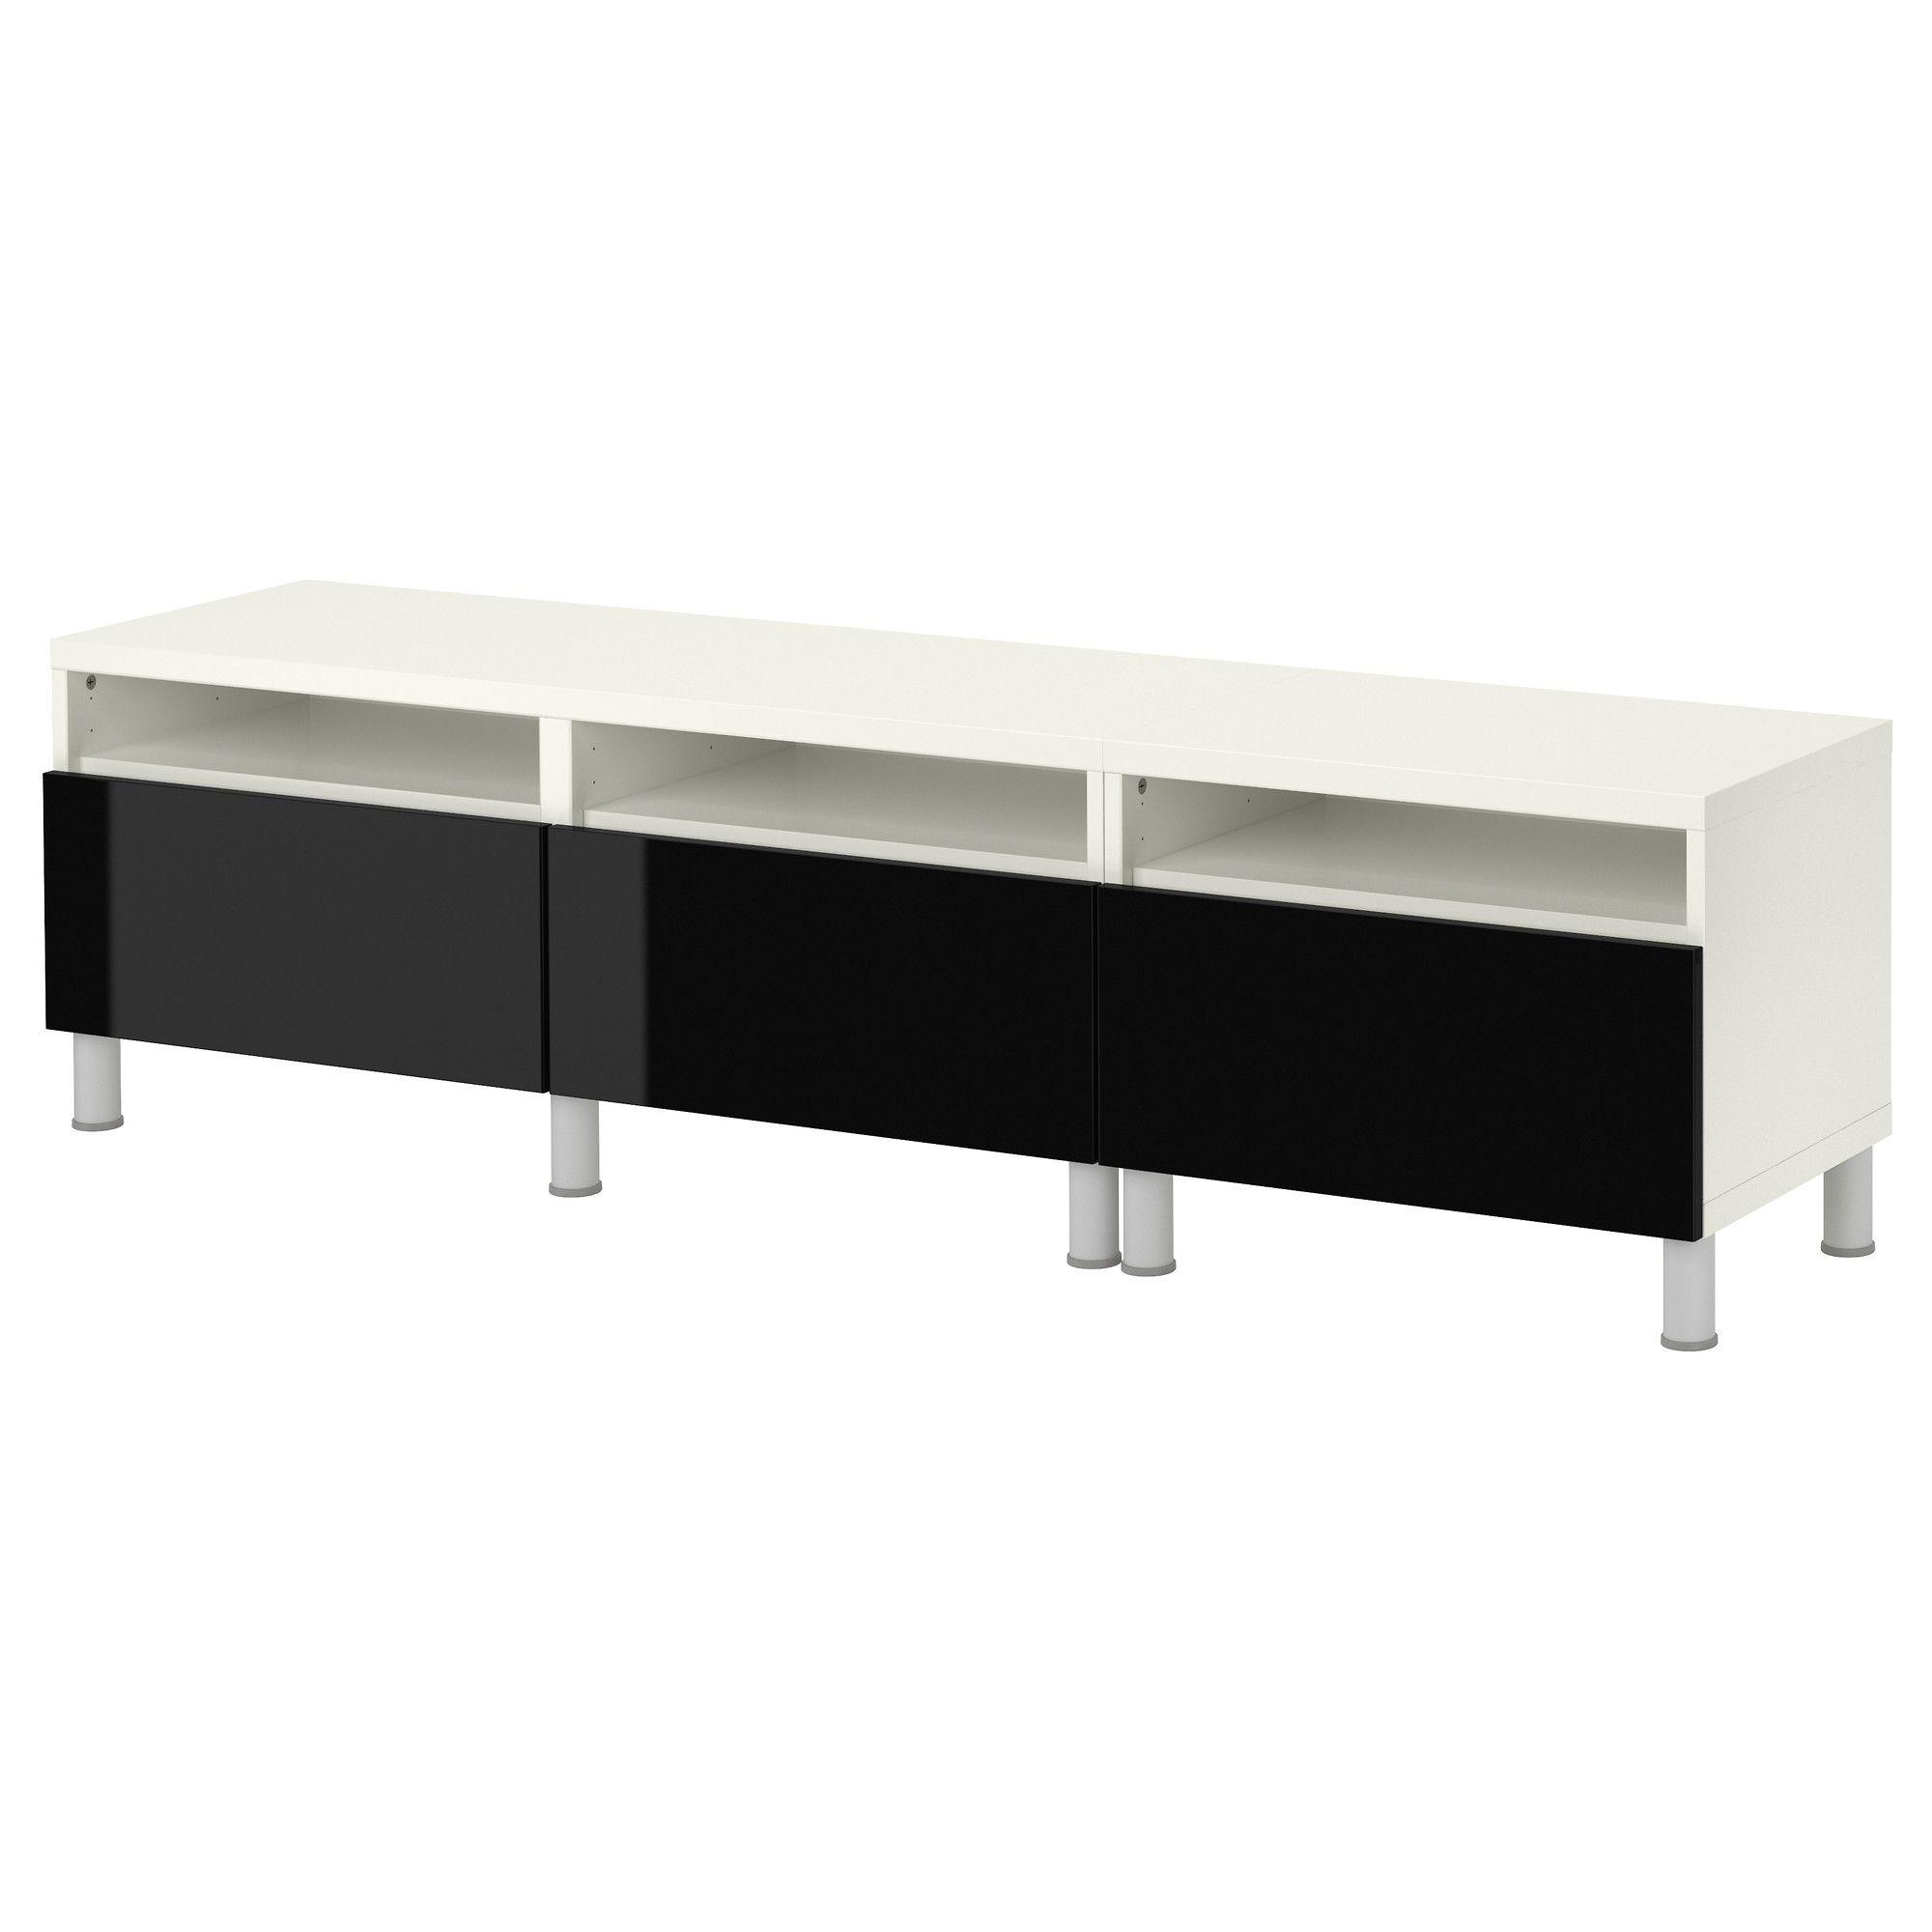 Bestå Bank Met Poten Withoogglans Zwart Ikea Alles